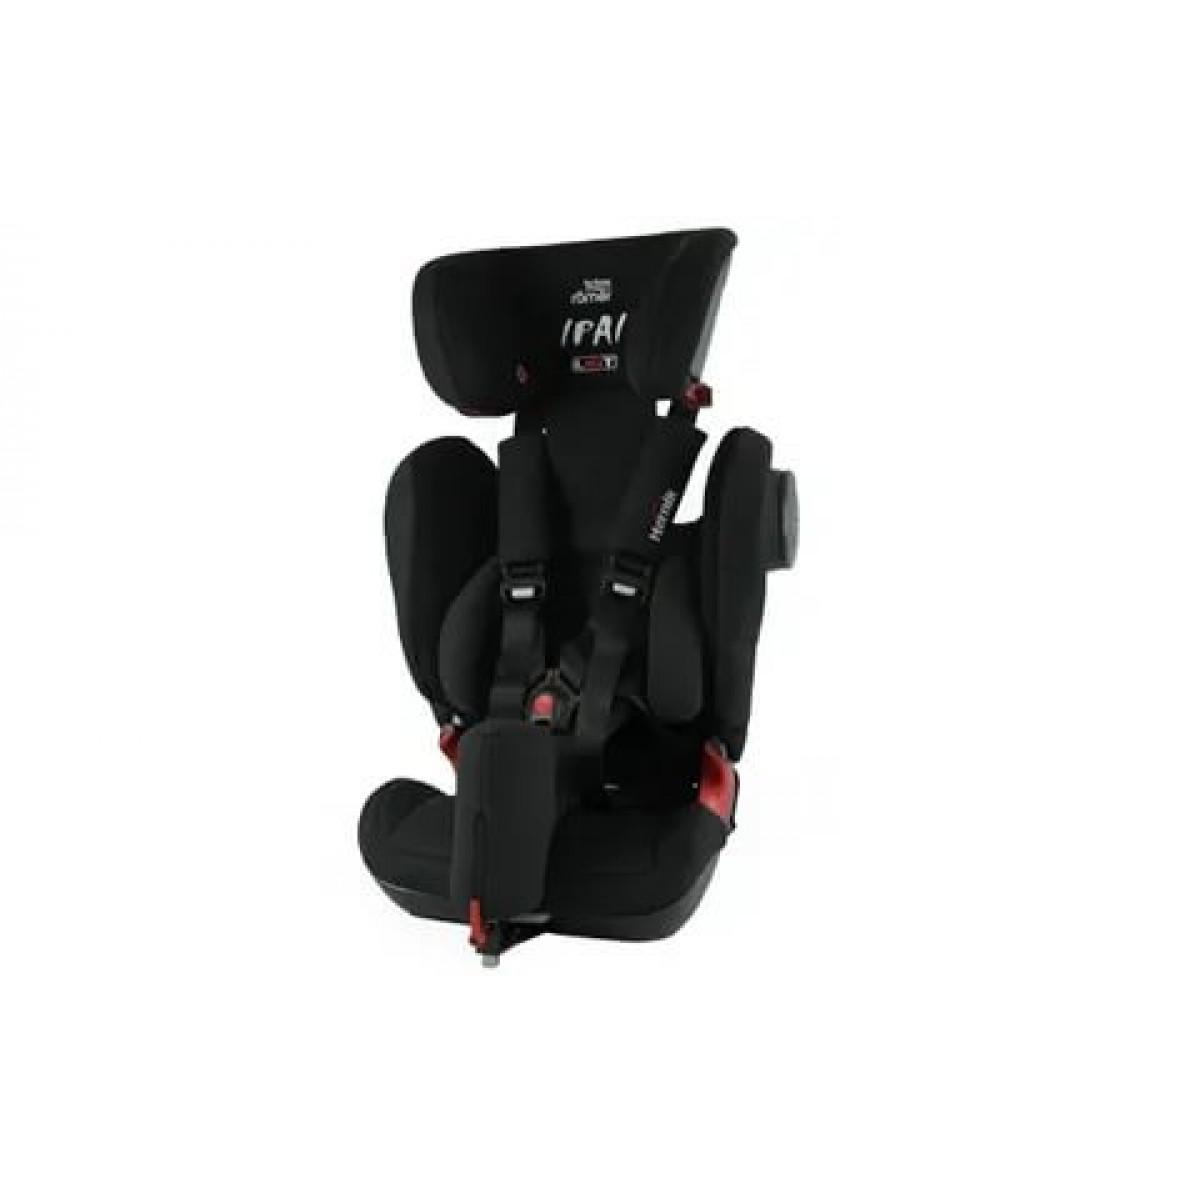 Автомобильное кресло для детей с ДЦП Hernik IPAI - LGT